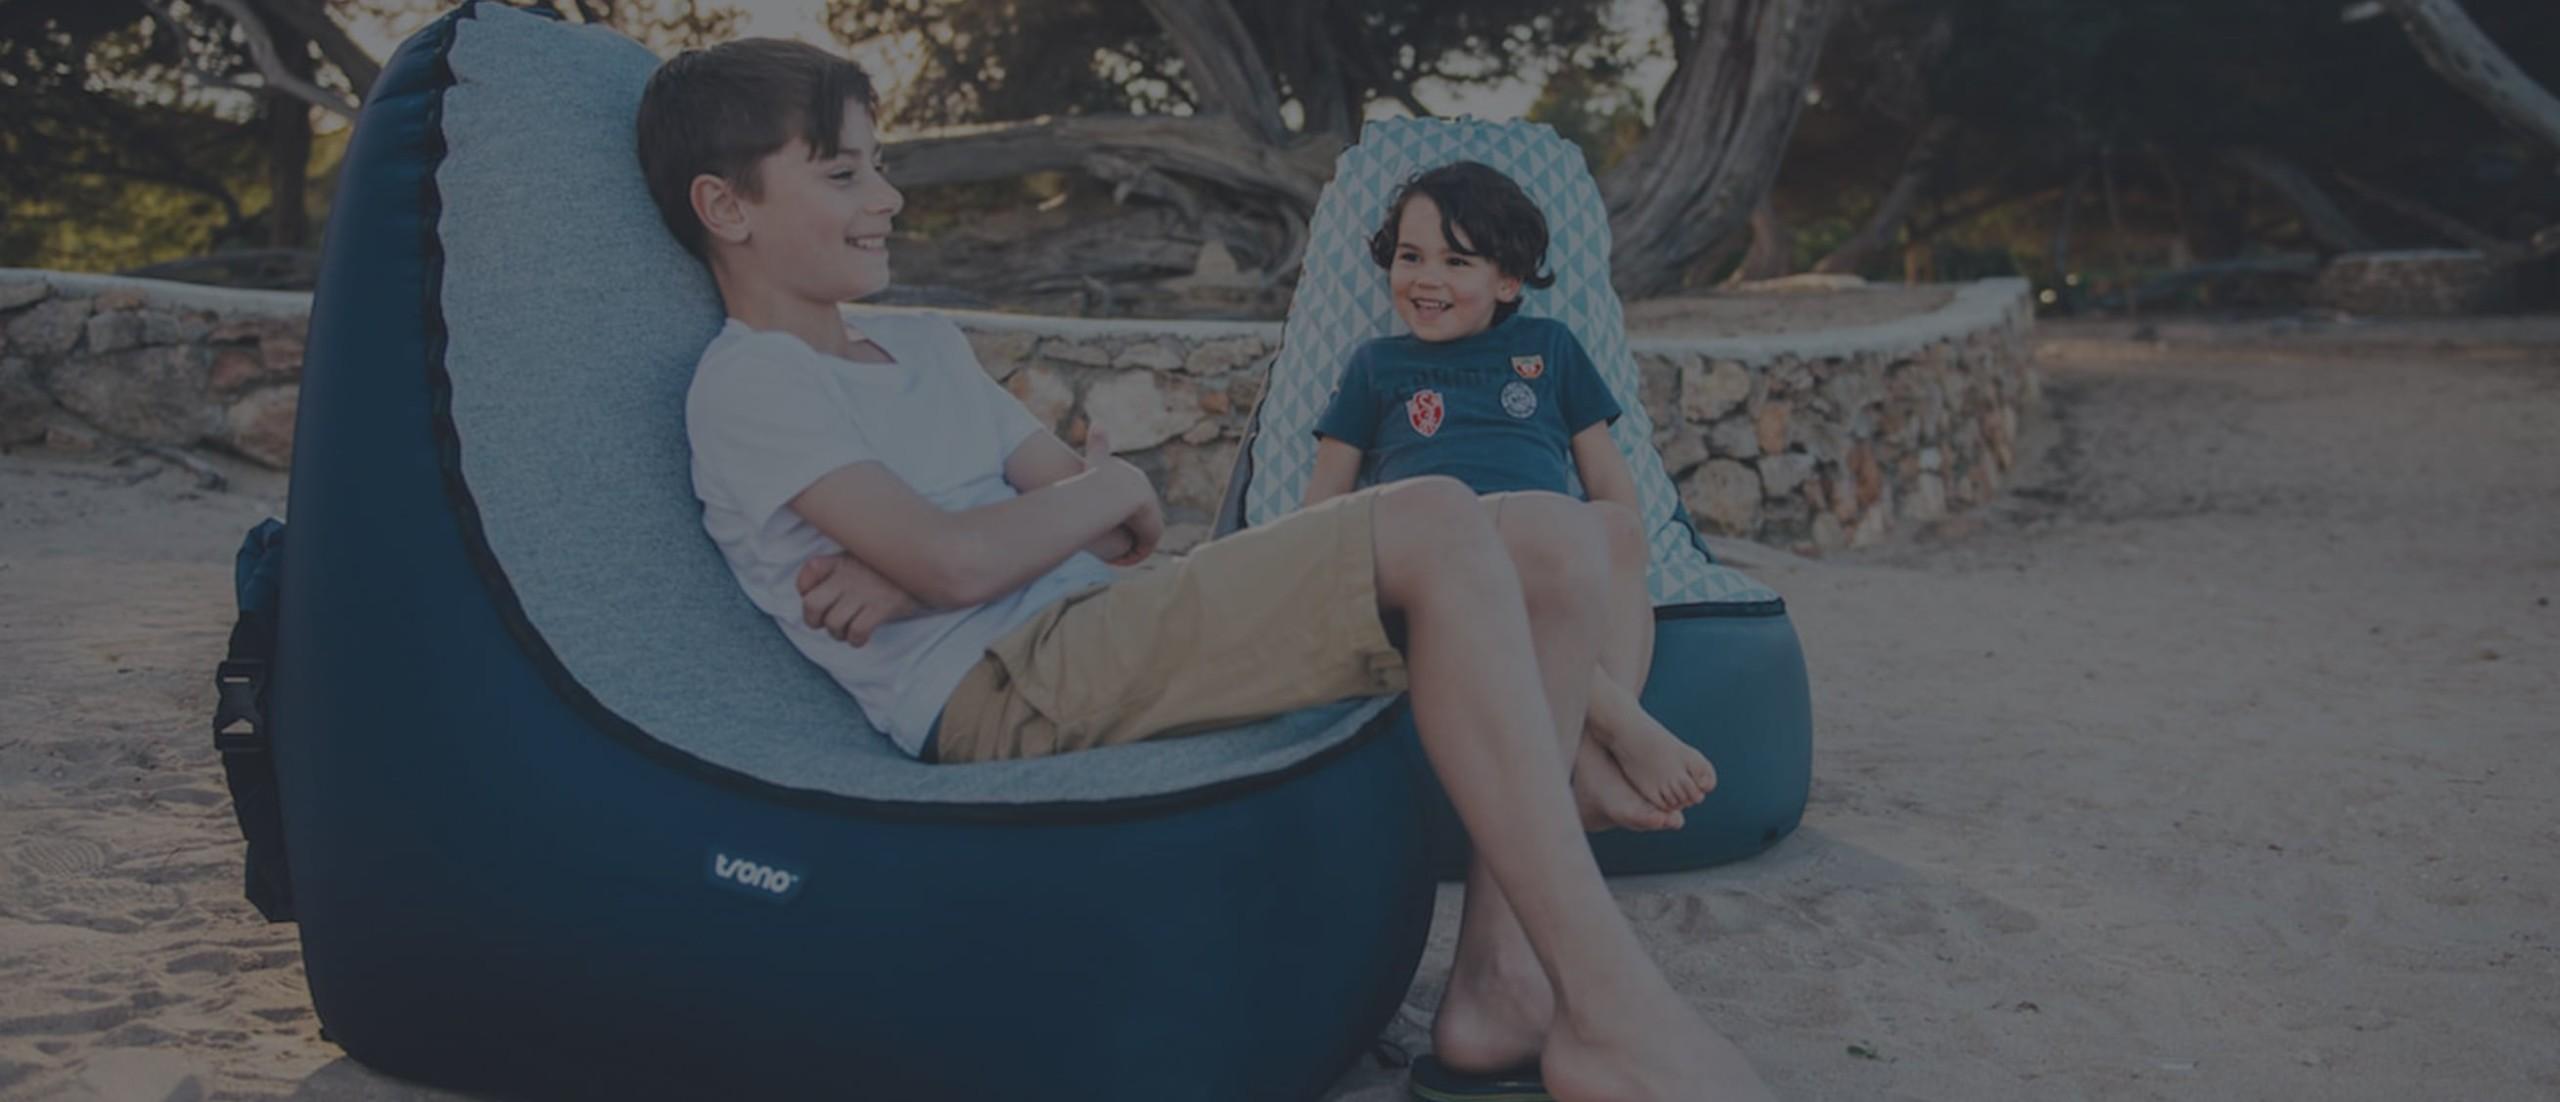 TRONO Portable Kids Lounge Chair